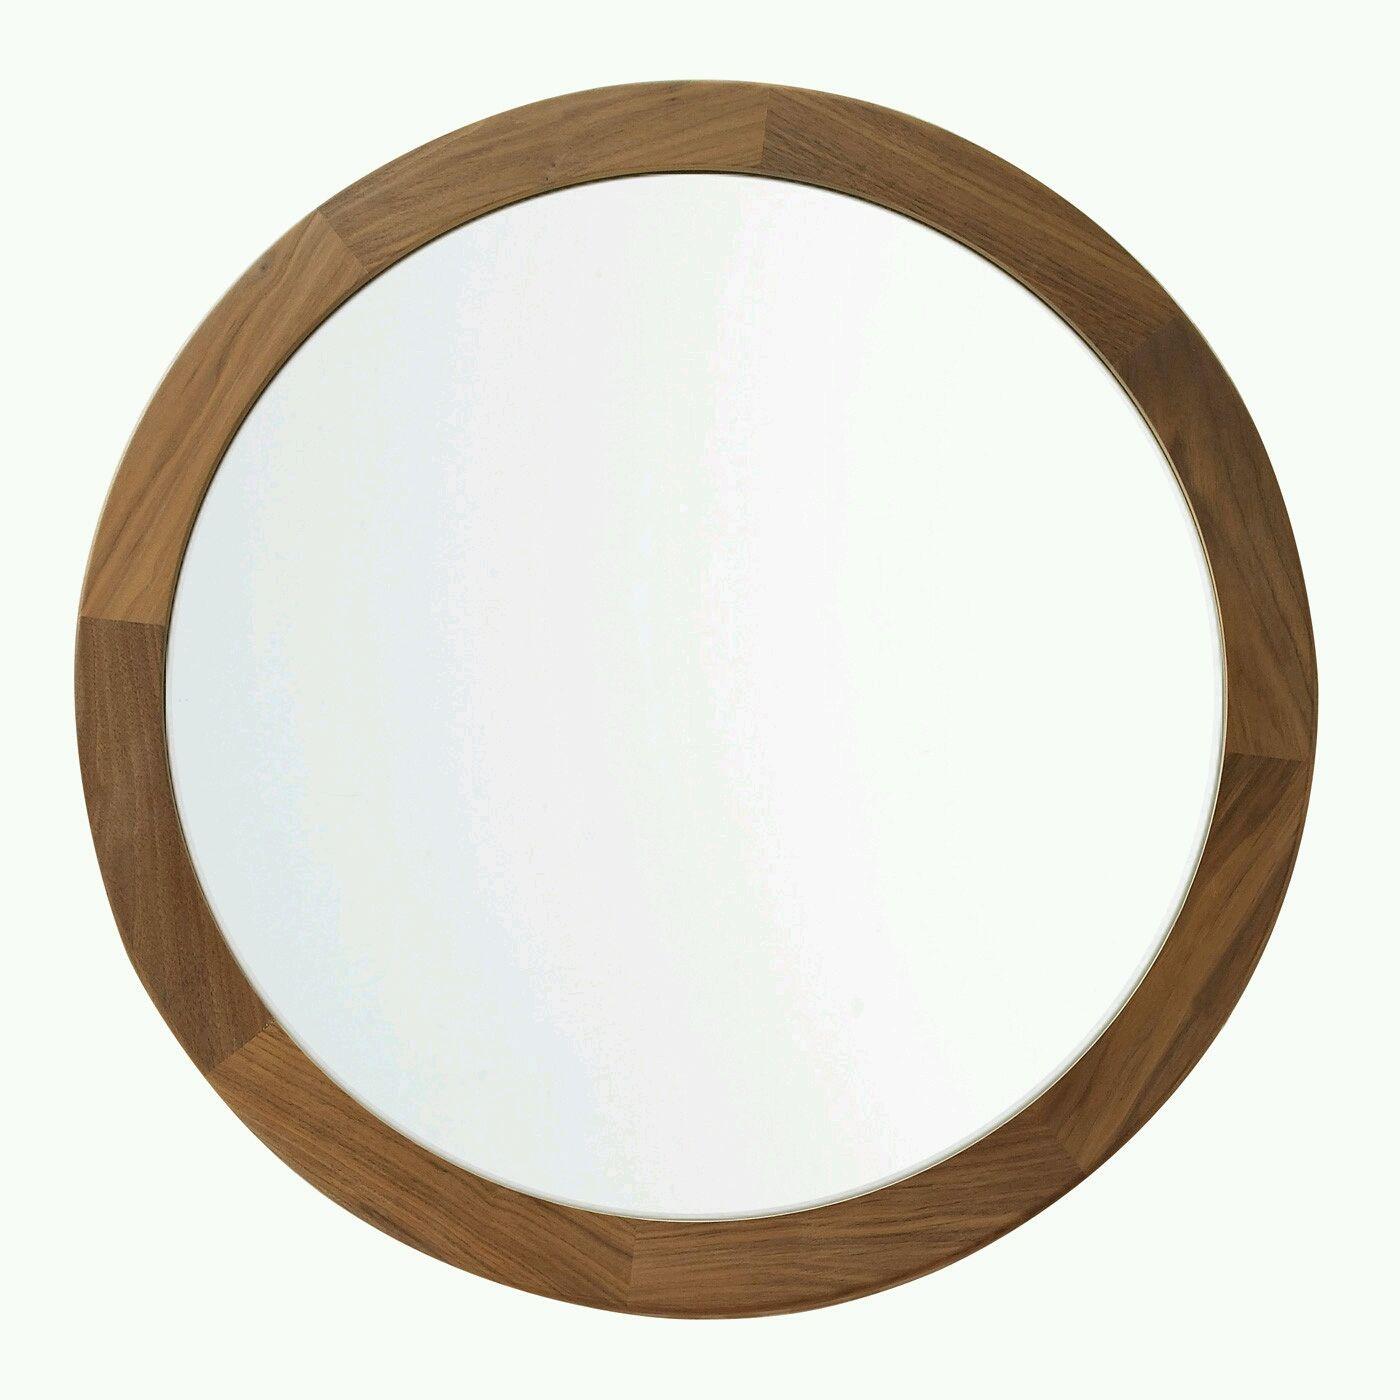 Зеркала ручной работы. Ярмарка Мастеров - ручная работа. Купить Круглое зеркало дуб. Handmade. Ванная, интерьер, ванная комната